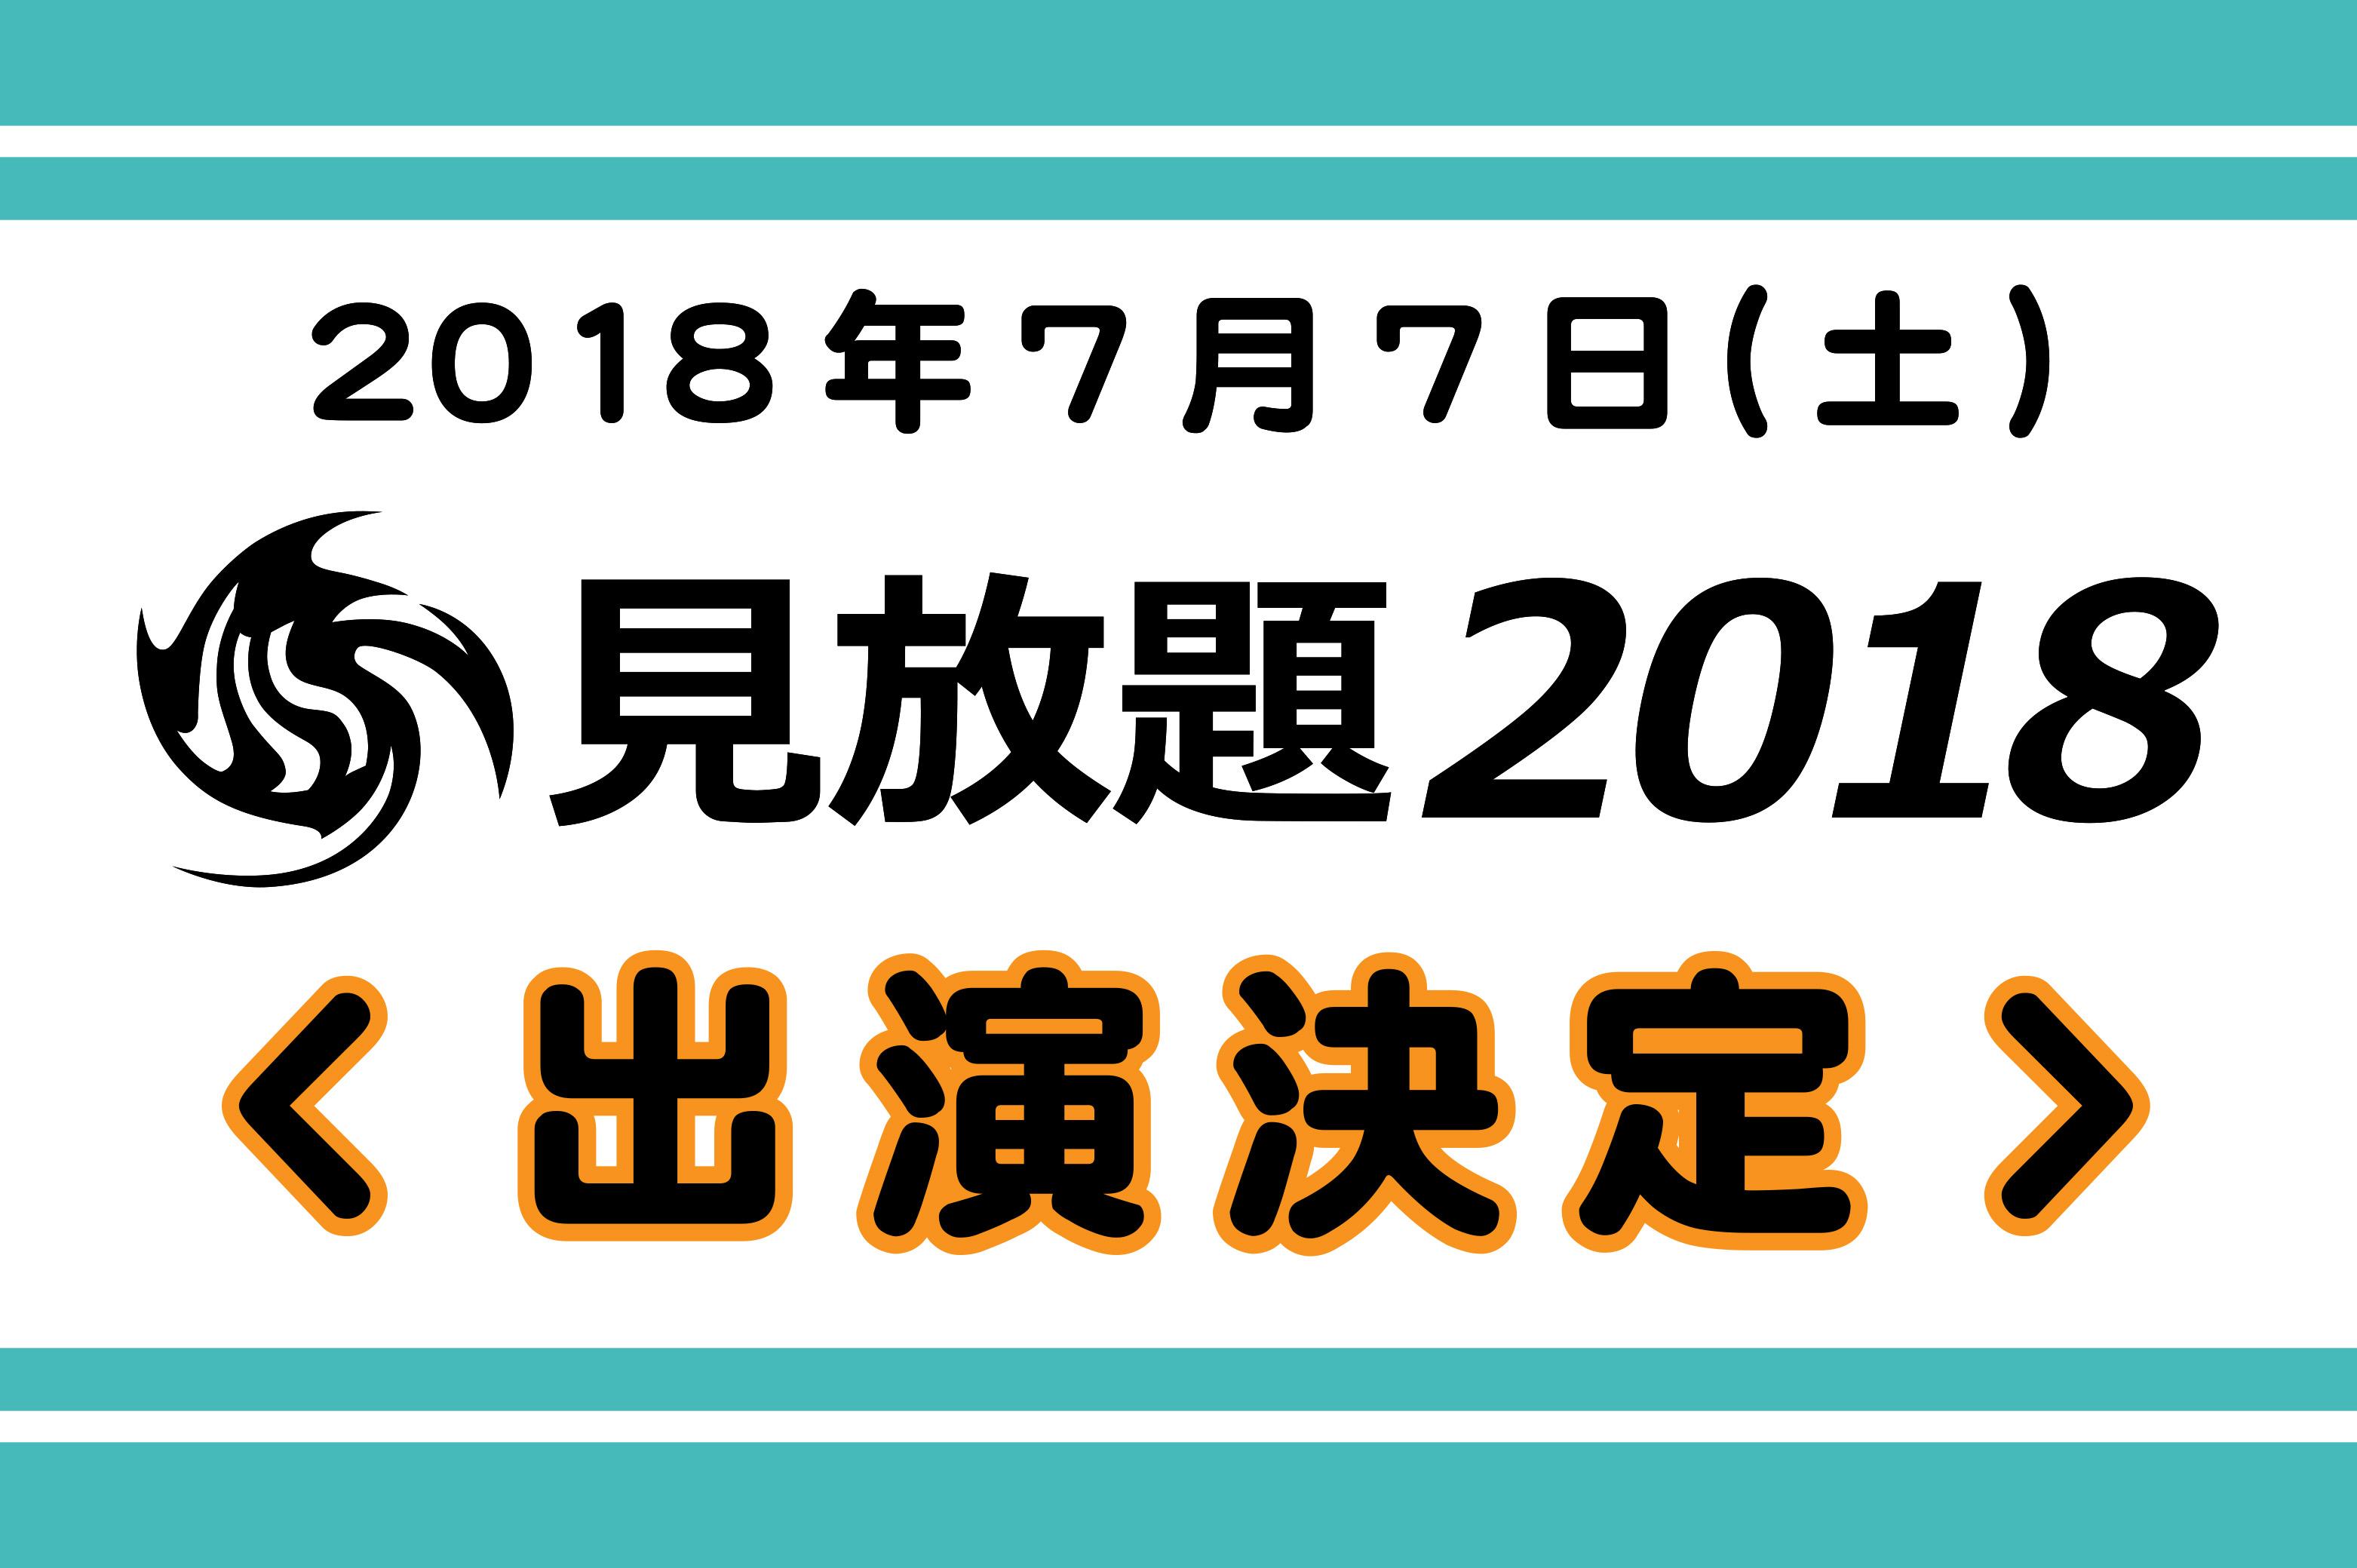 見放題2018 出演決定!